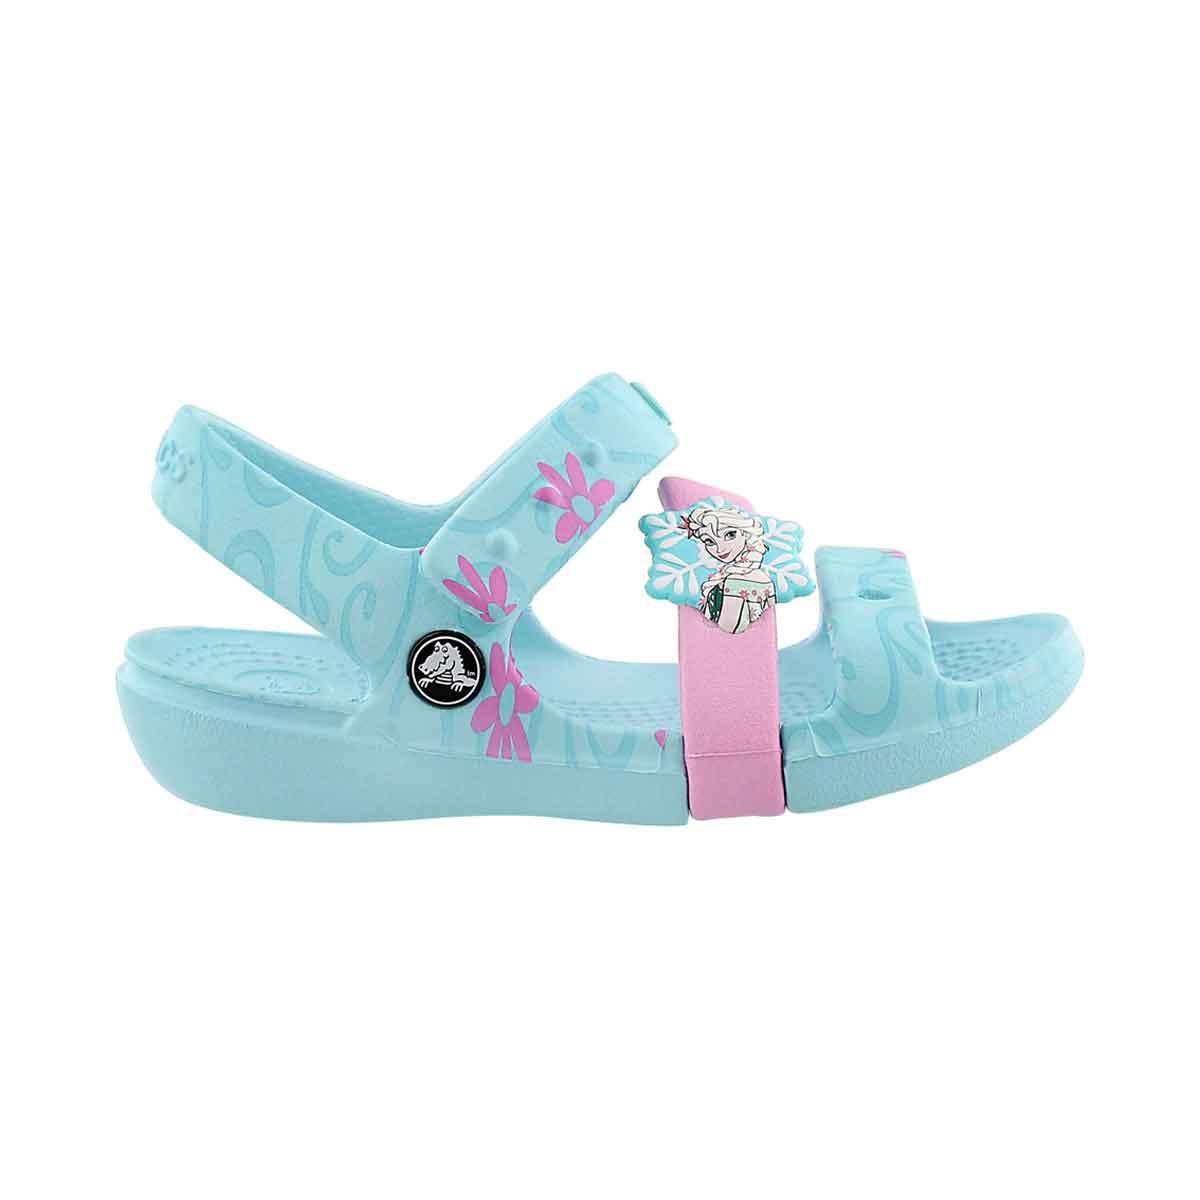 Grls Keeley Frozen Fever blue sandal